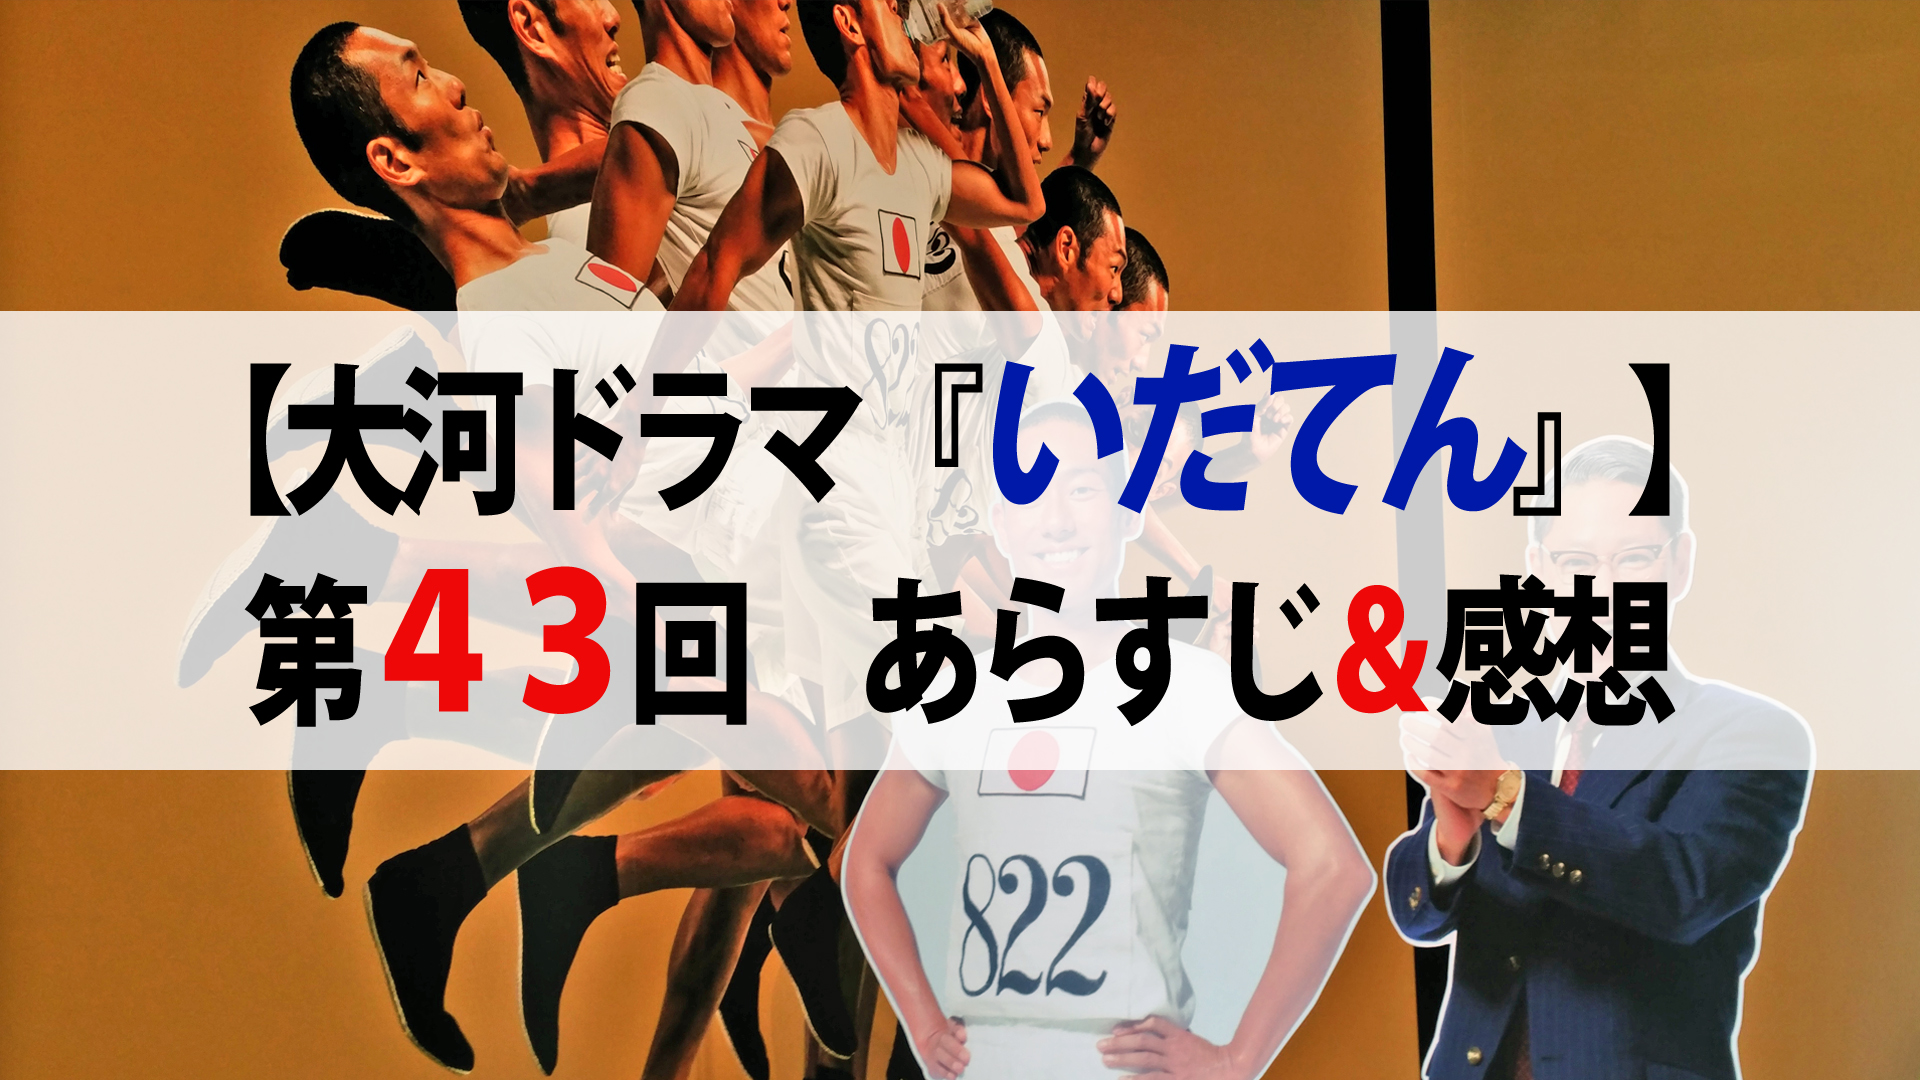 【大河ドラマ『いだてん』】第43回『ヘルプ!』あらすじ&感想